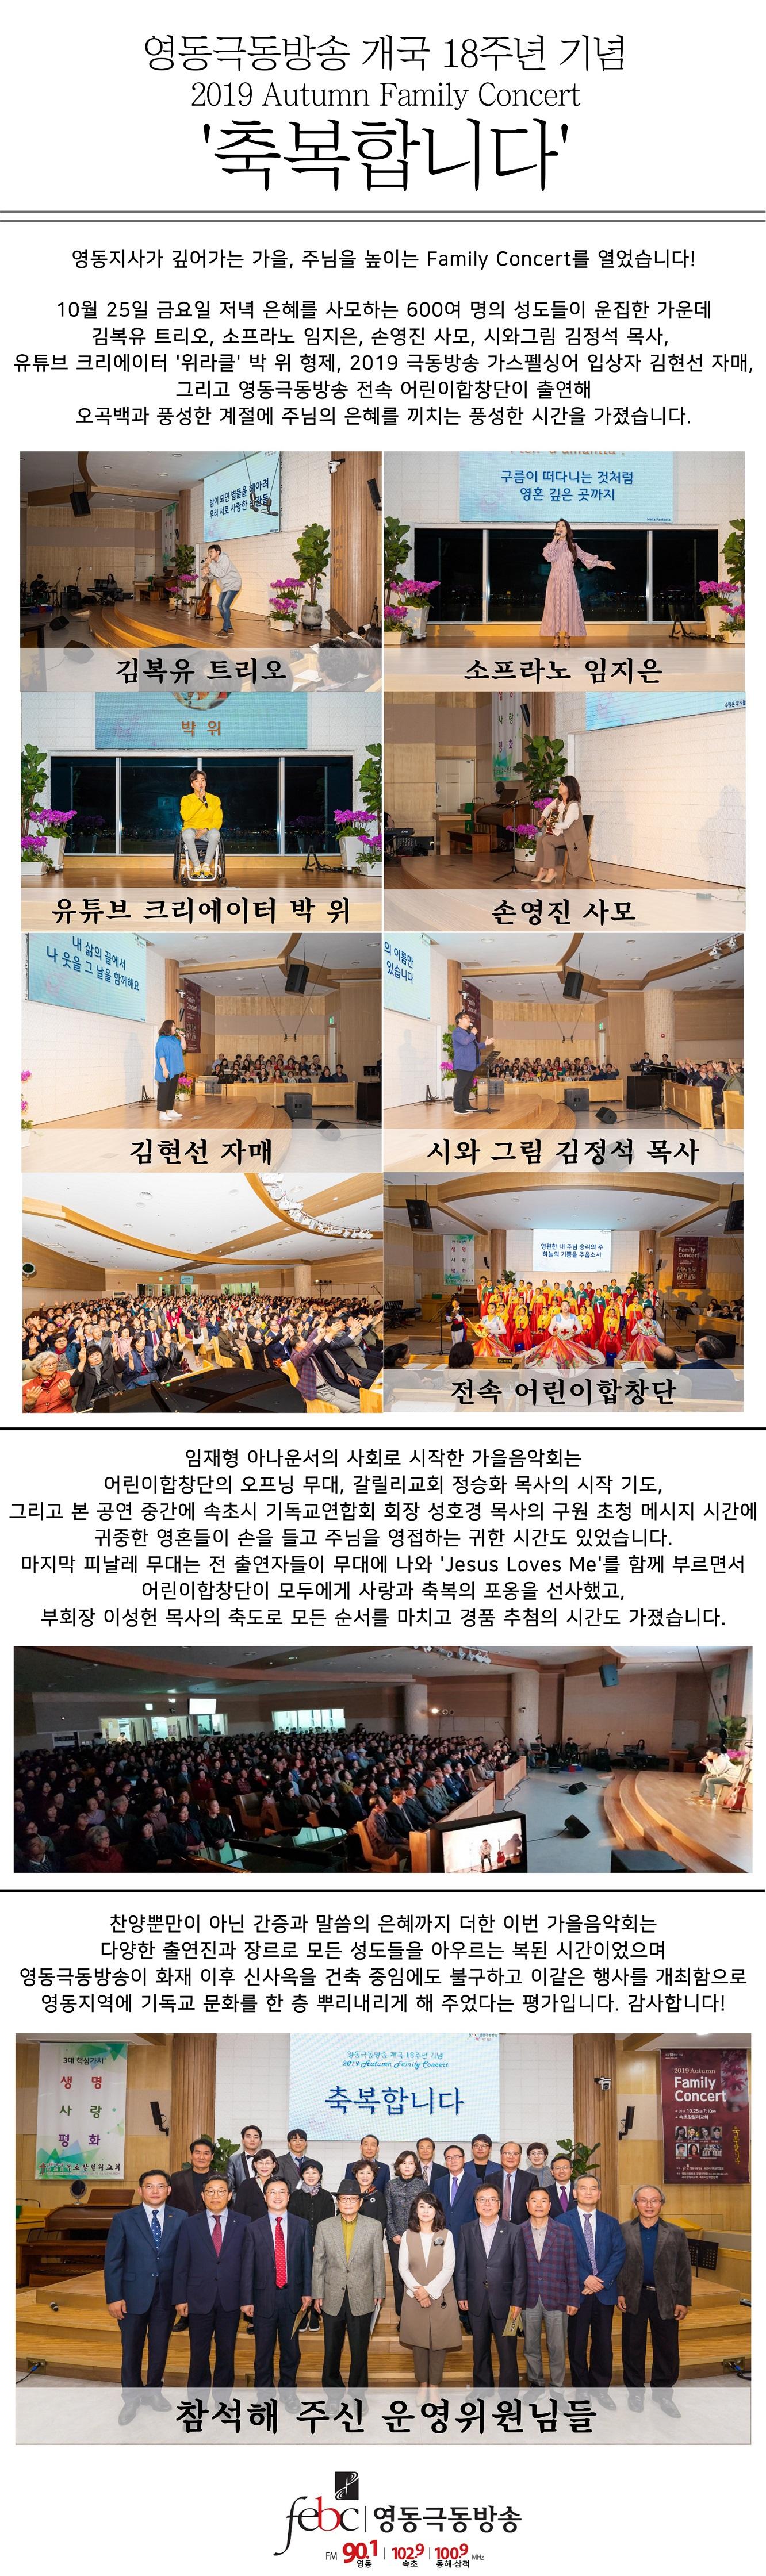 극동방송-게시판-업로드-사진-31 (2).jpg